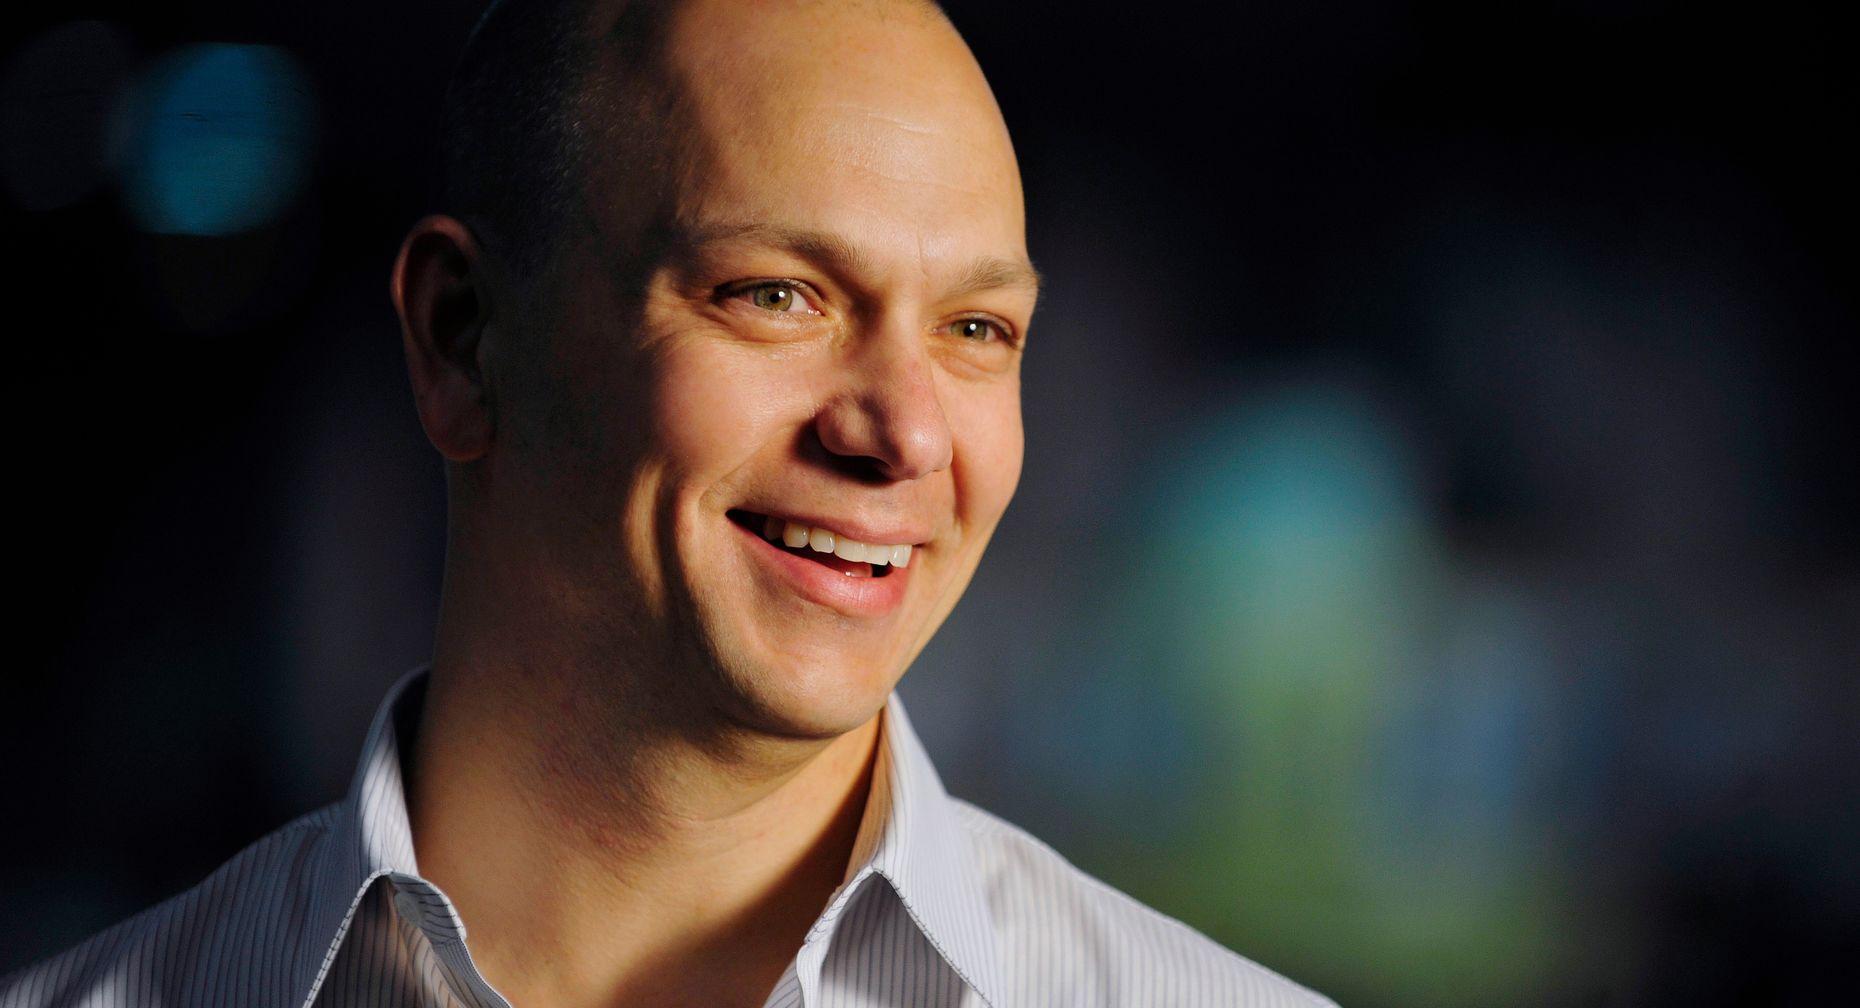 Nest CEO Tony Fadell. Photo by Bloomberg.